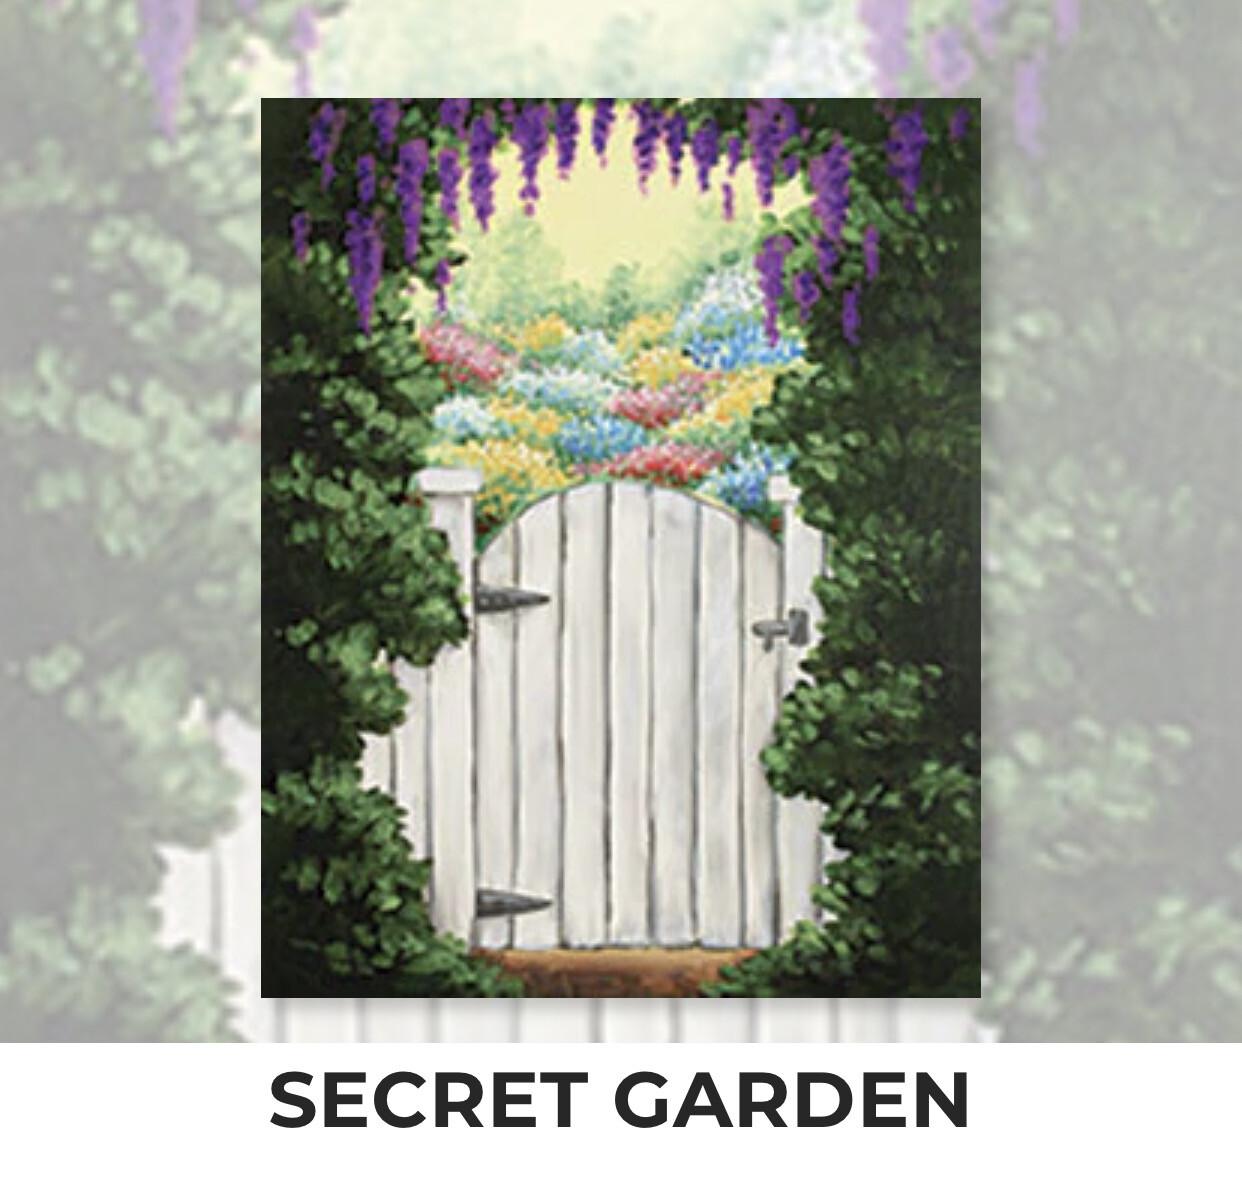 Secret Garden ADULT Acrylic Paint On Canvas DIY Art Kit - 3 Week Special Order